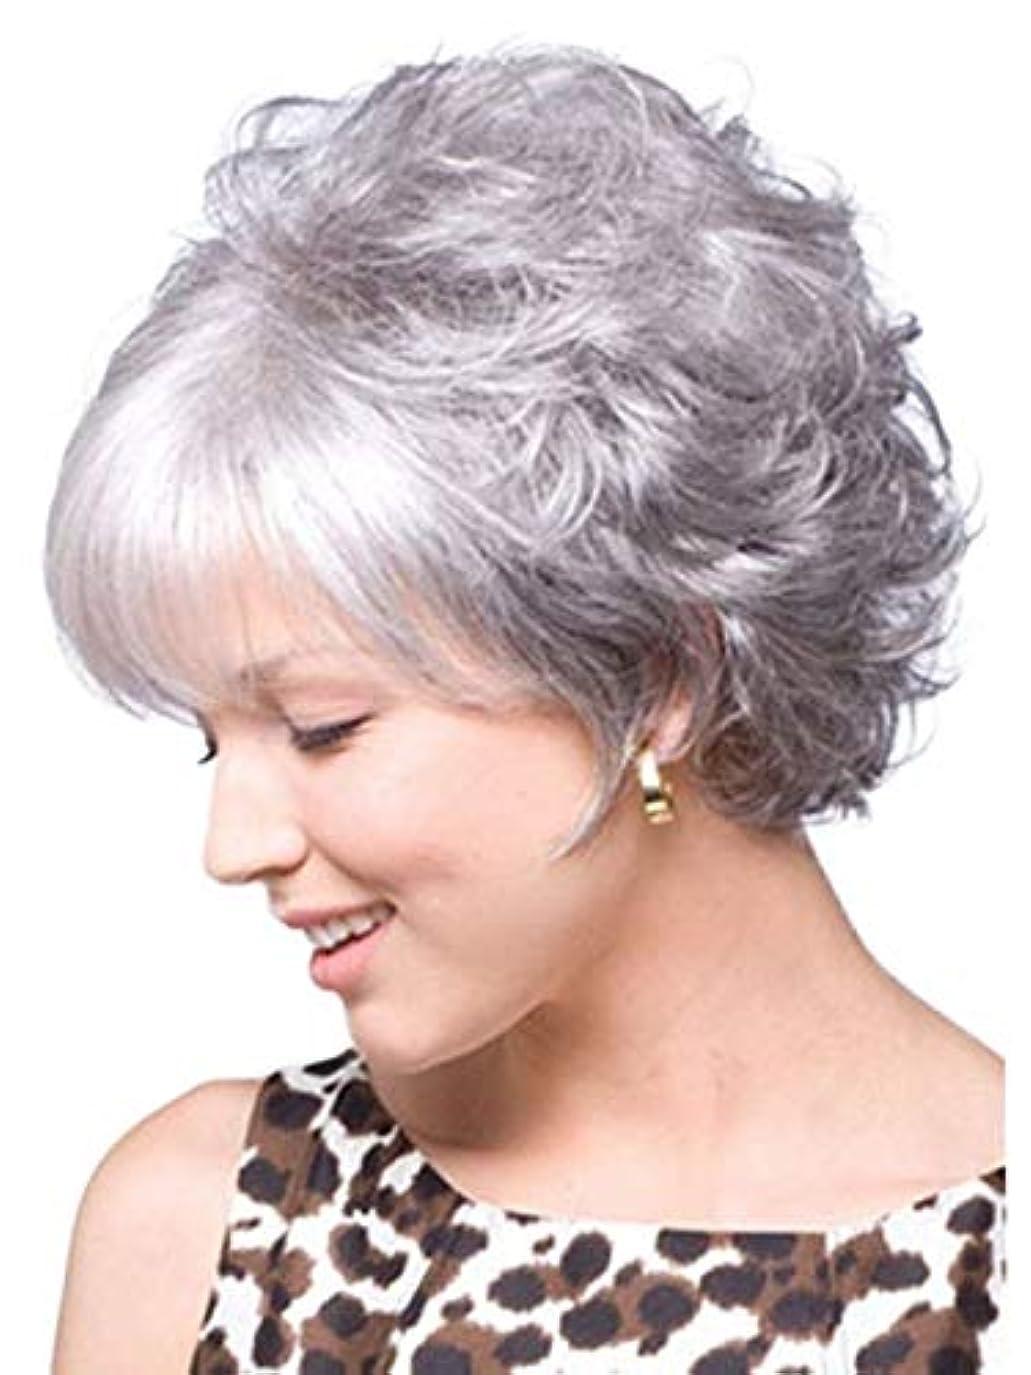 仕出します穏やかな変形するウィッグキャップ付きパーティーコスプレ用女性ショートシルバーグレーヘアウィッグ (Color : Gray+Silver)